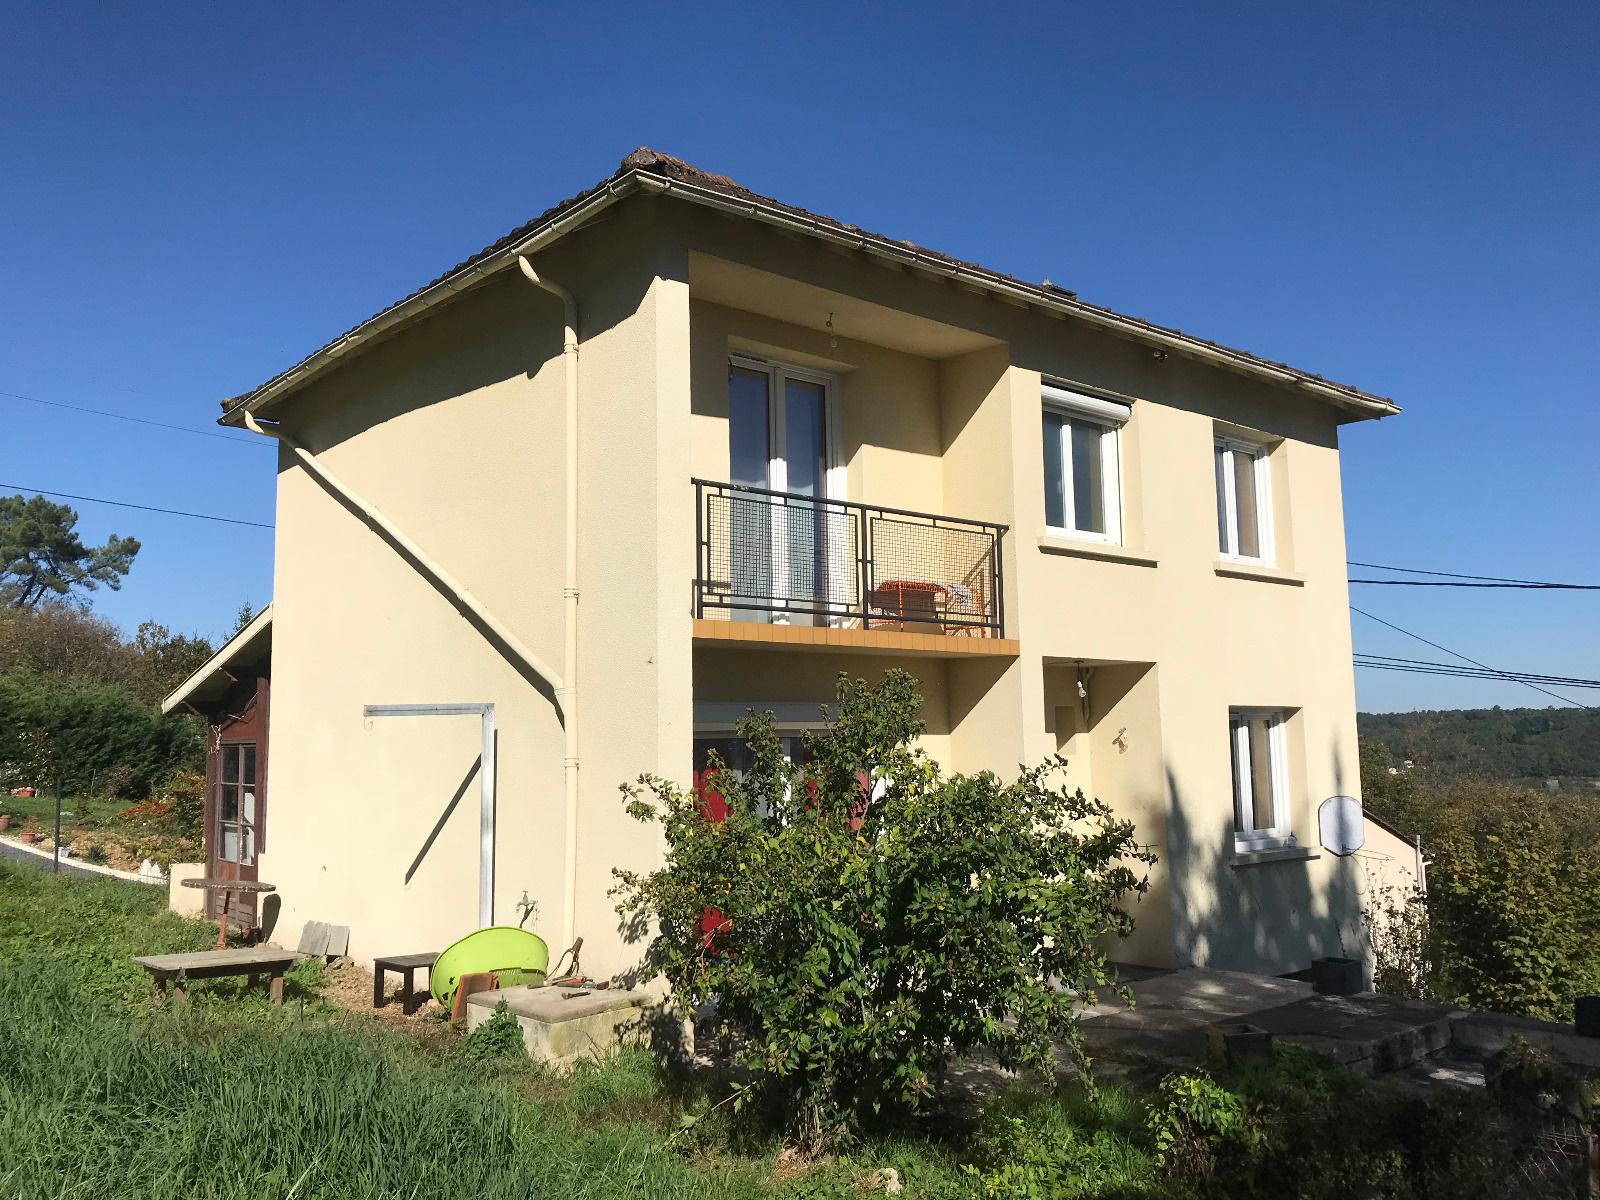 Annonce vente maison p rigueux 24000 113 m 131 150 for Vente maison perigueux